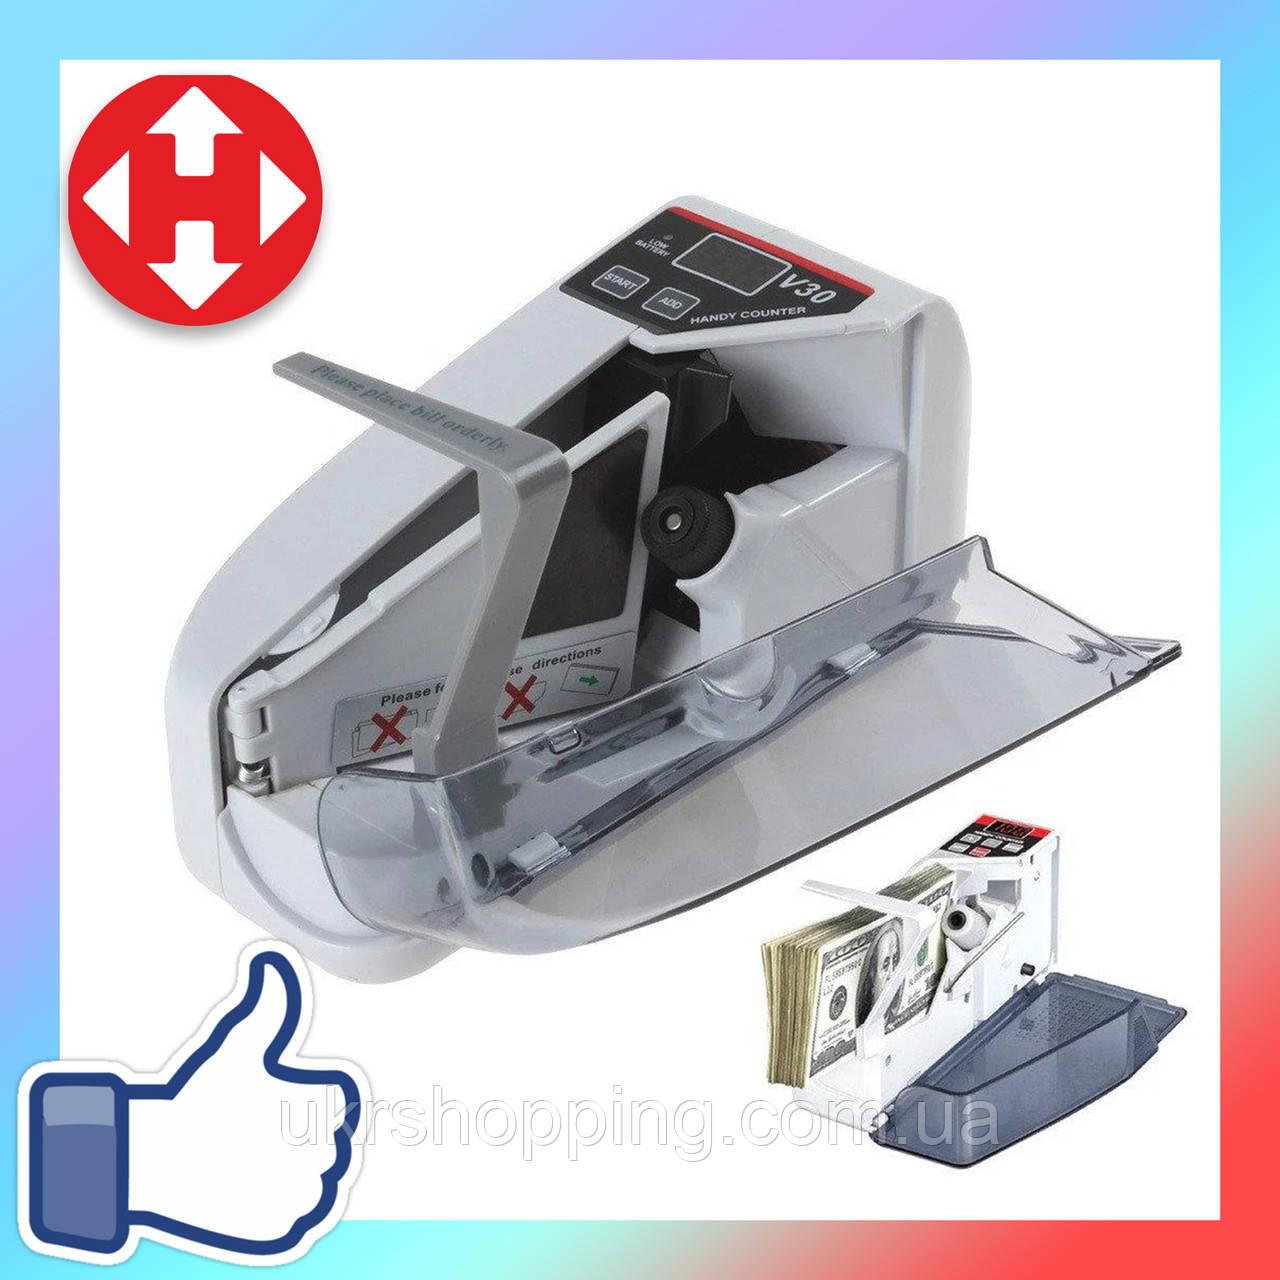 Машинка для счета денег, Handy Counter v30, счетчик денег, портативный счетчик купюр, в Украине